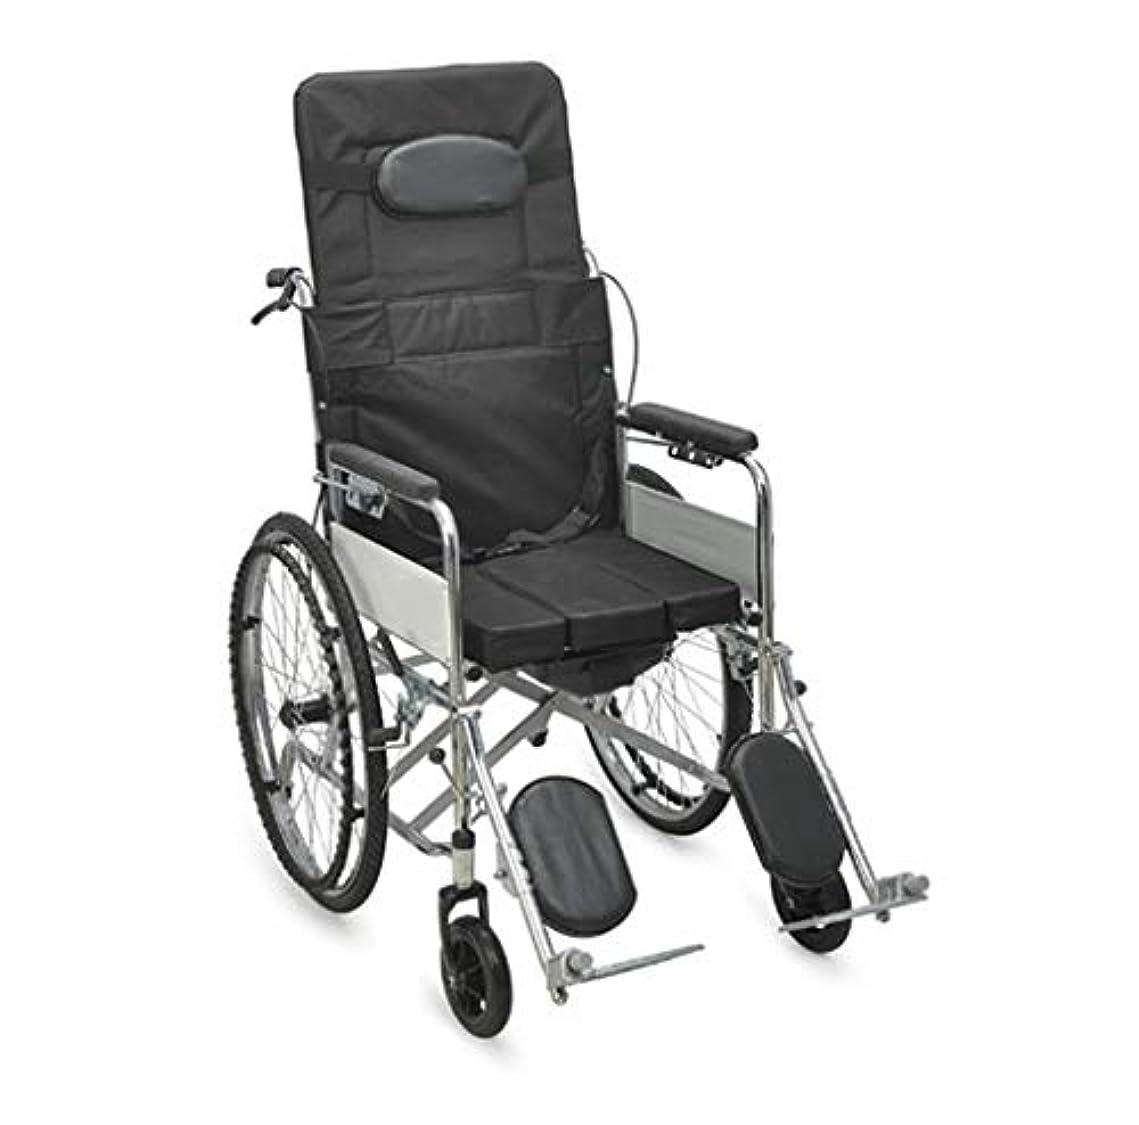 出発記念品駐地自走式車椅子、高齢者に適した軽量モバイルデバイス、身体障害者および身体障害者用、ポータブル車椅子